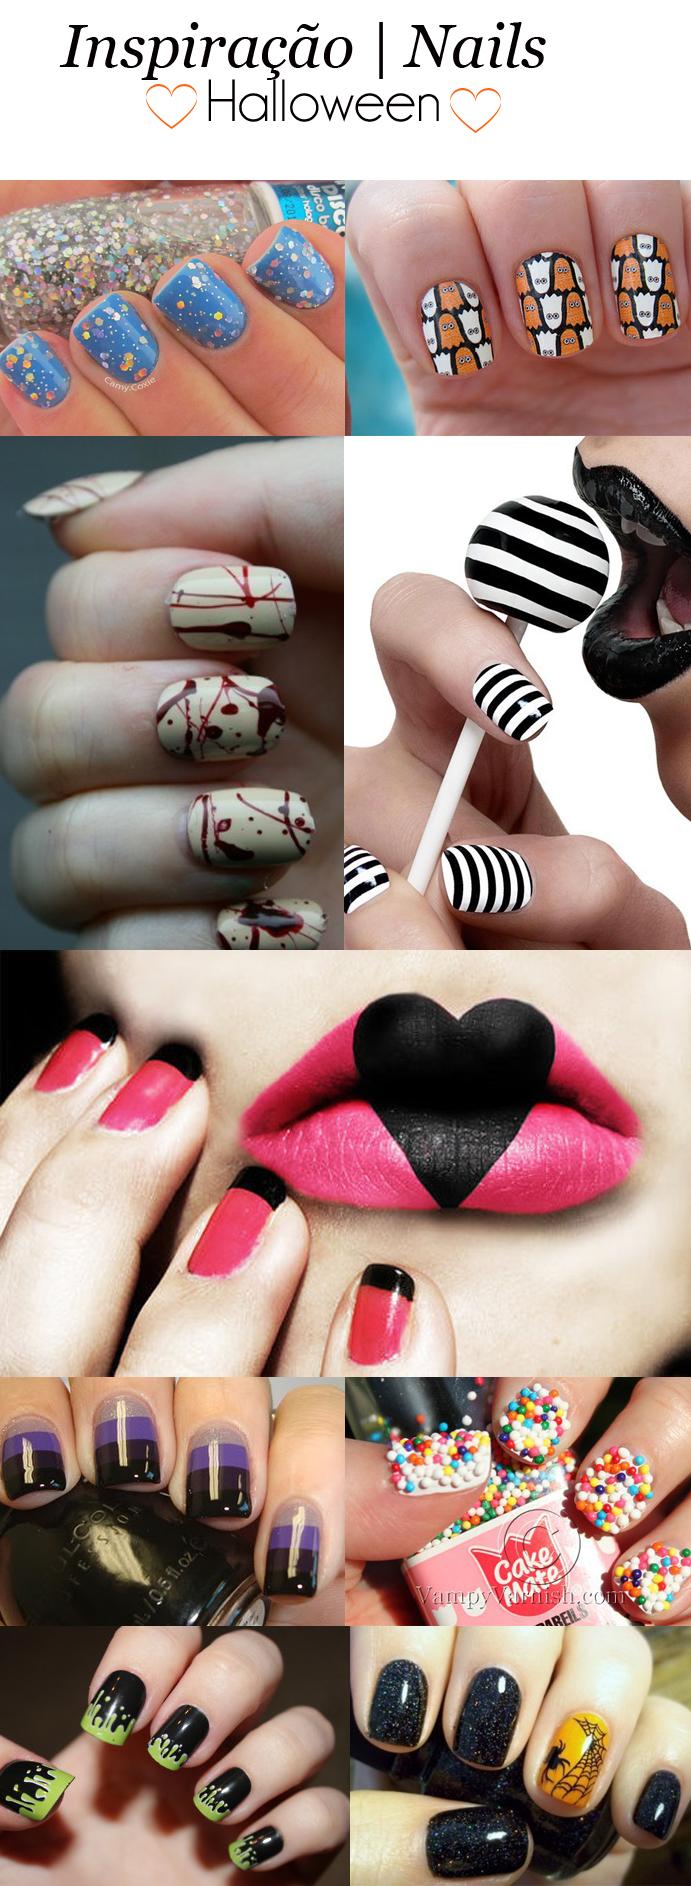 inspiração de unhas para o halloween